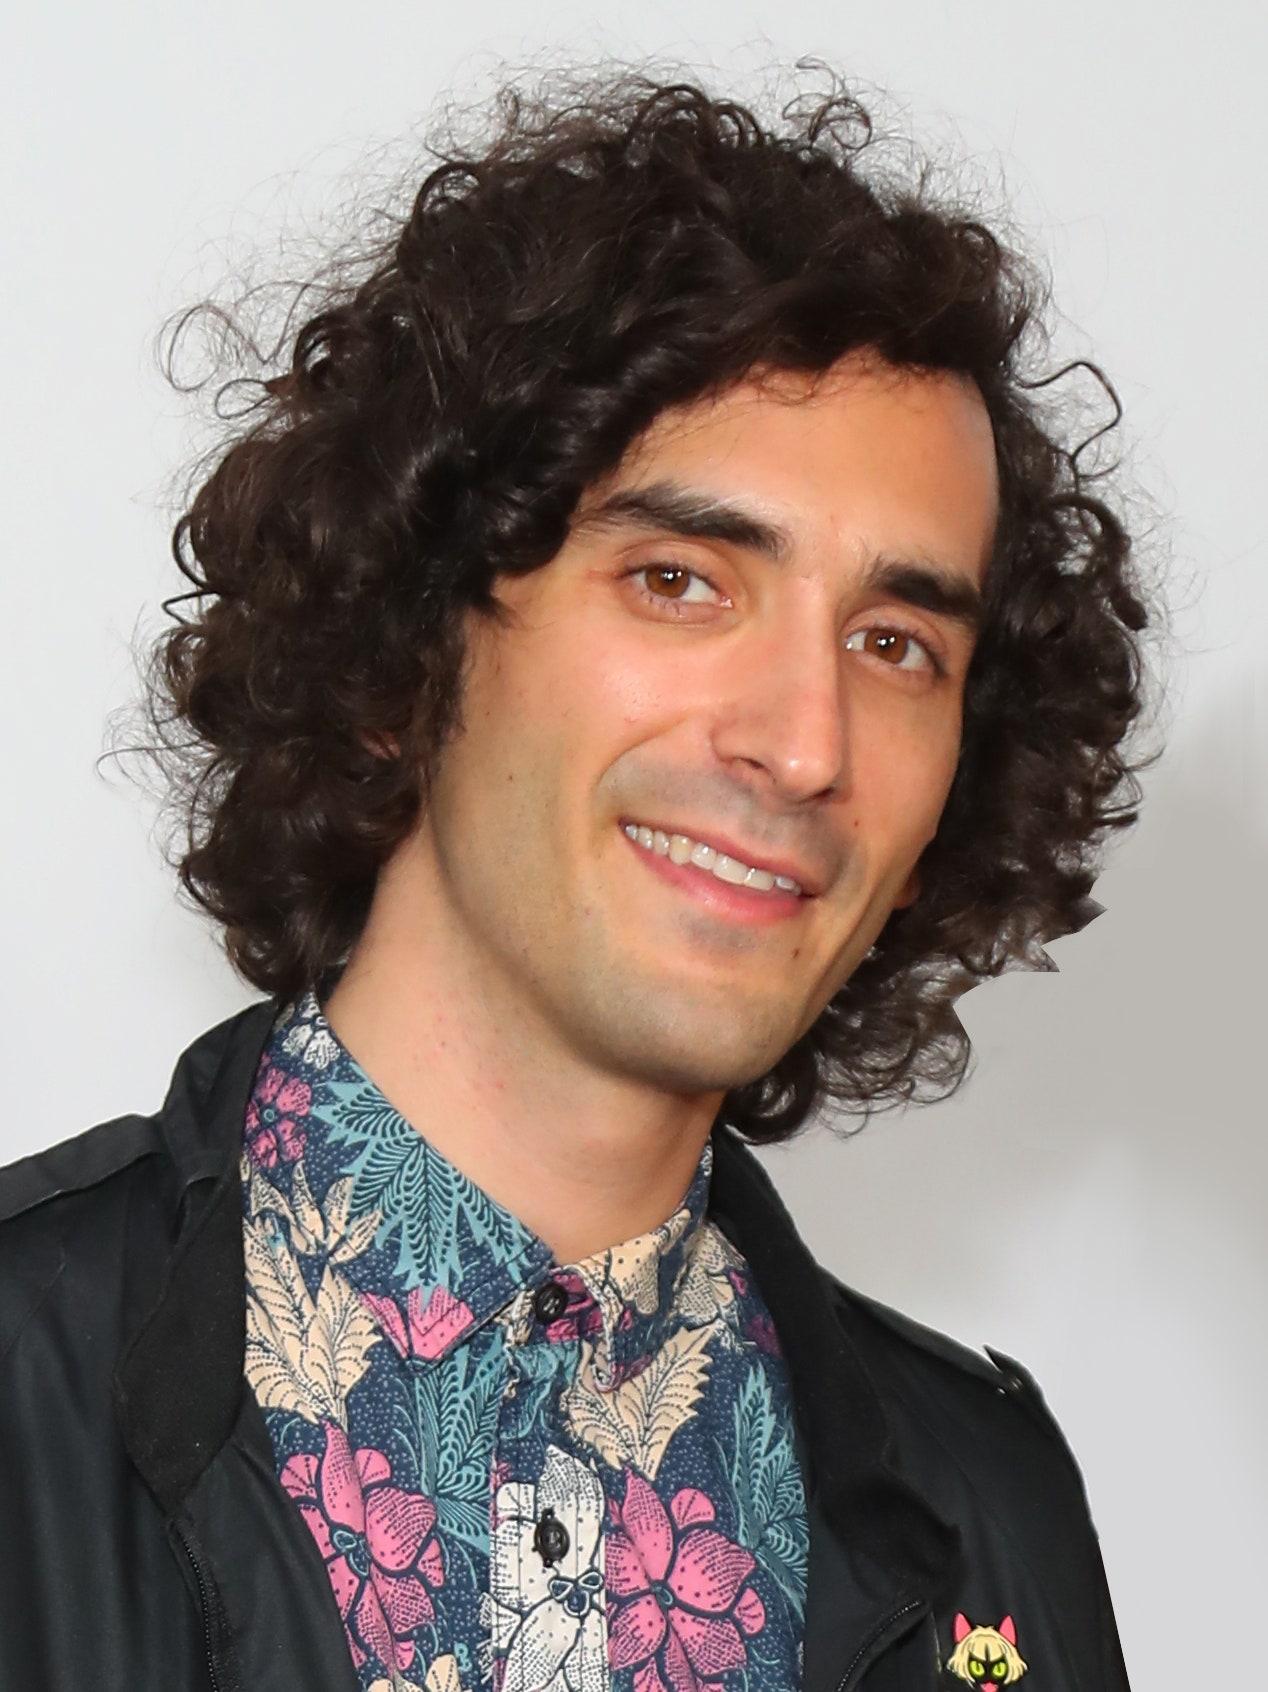 Ben Esposito